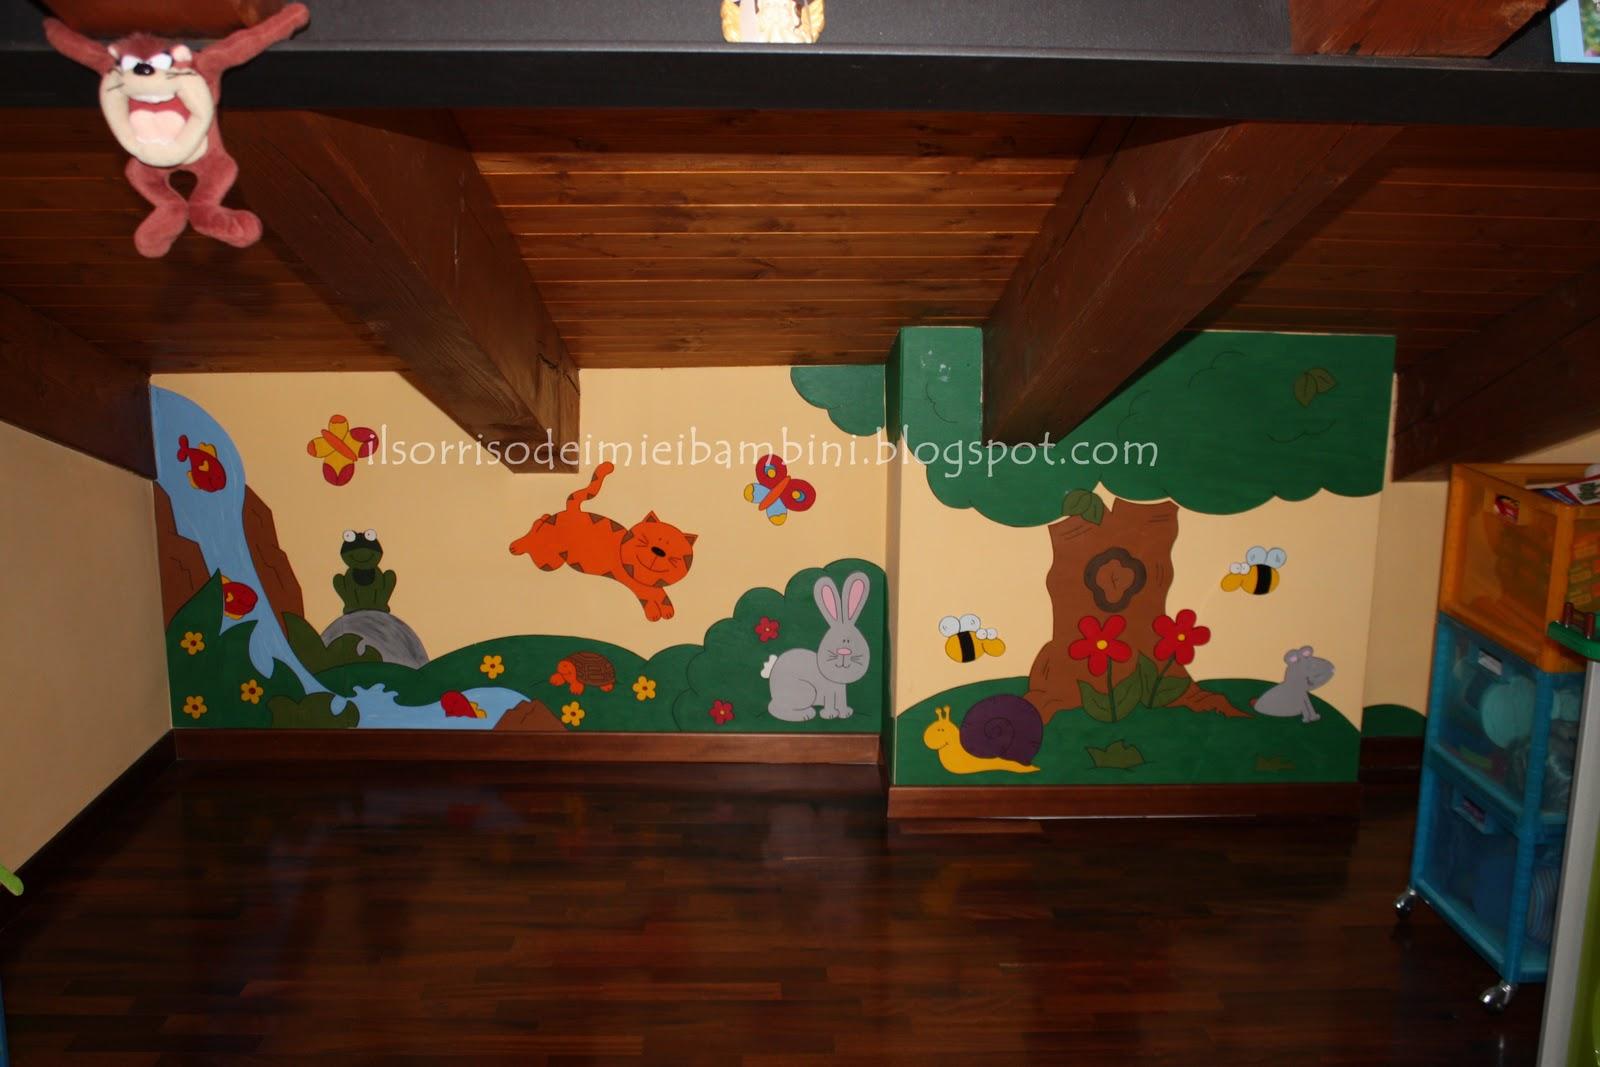 Decorazioni In Legno Per Bambini : Il sorriso dei miei bambini decorare la cameretta con il legno